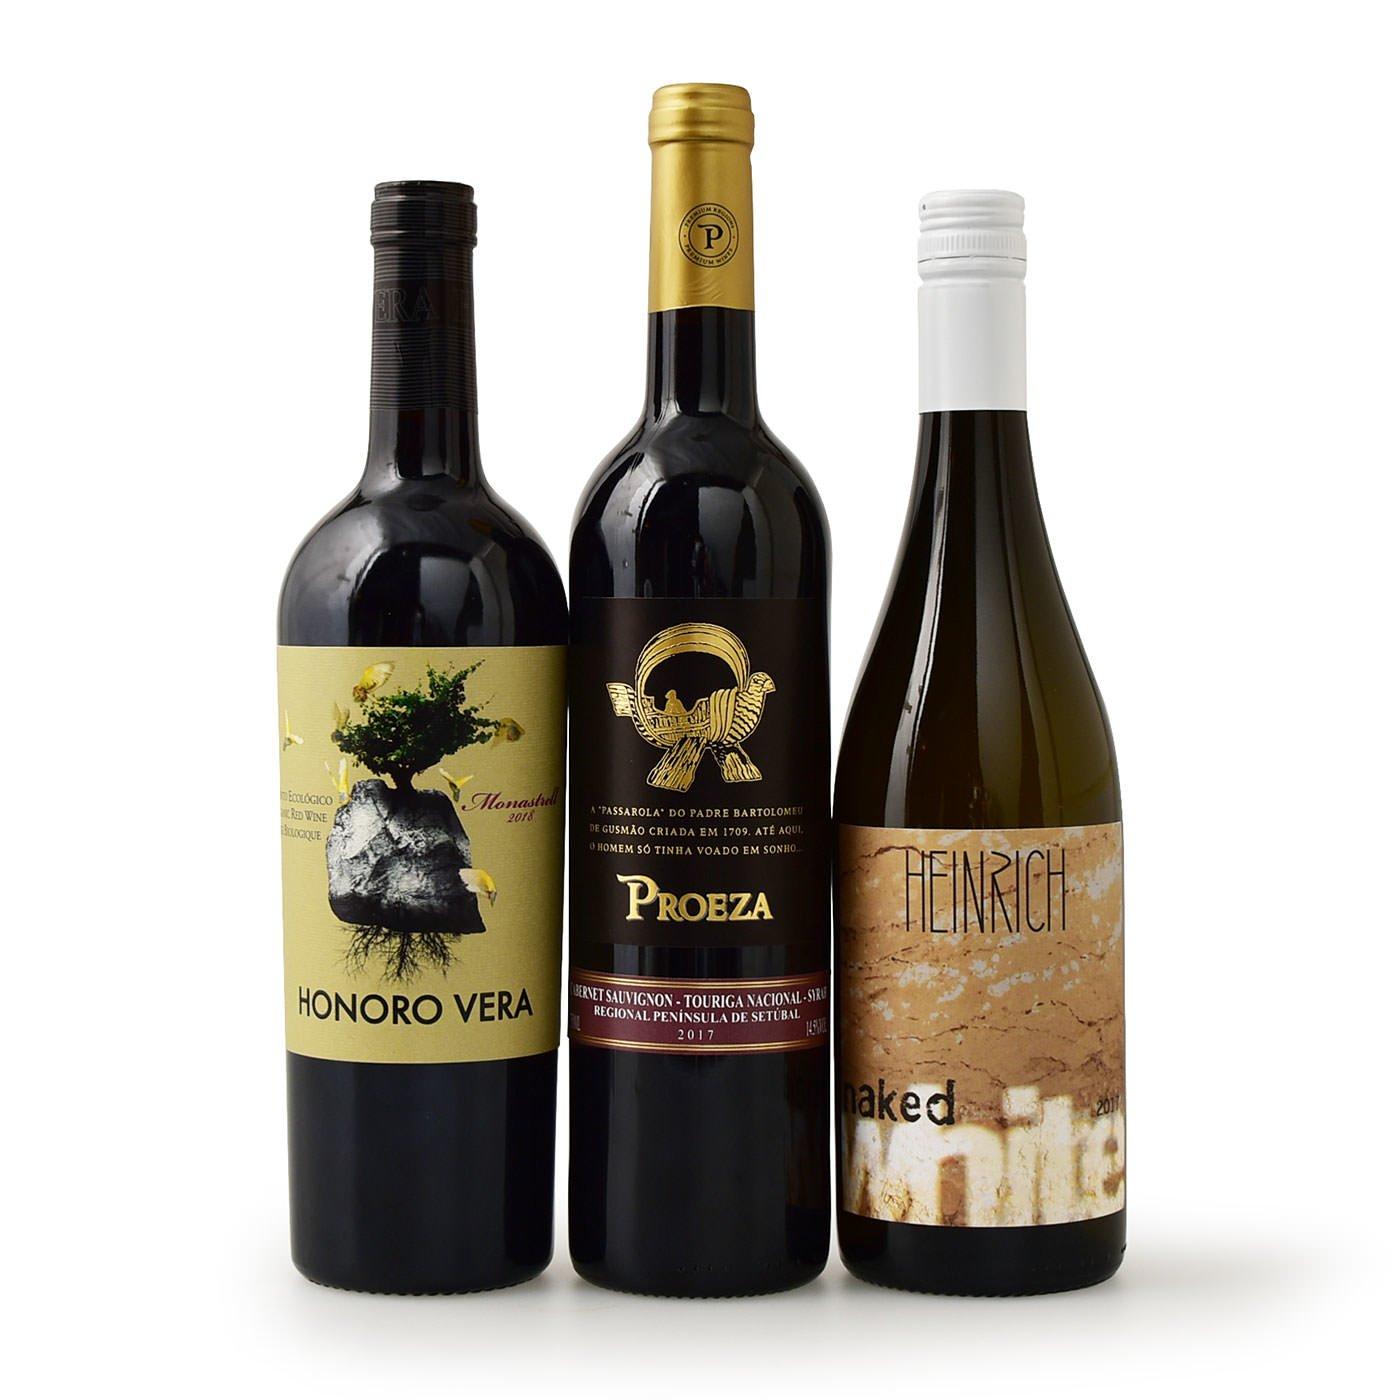 LX ワイン会で選んだBEST3ワインセット